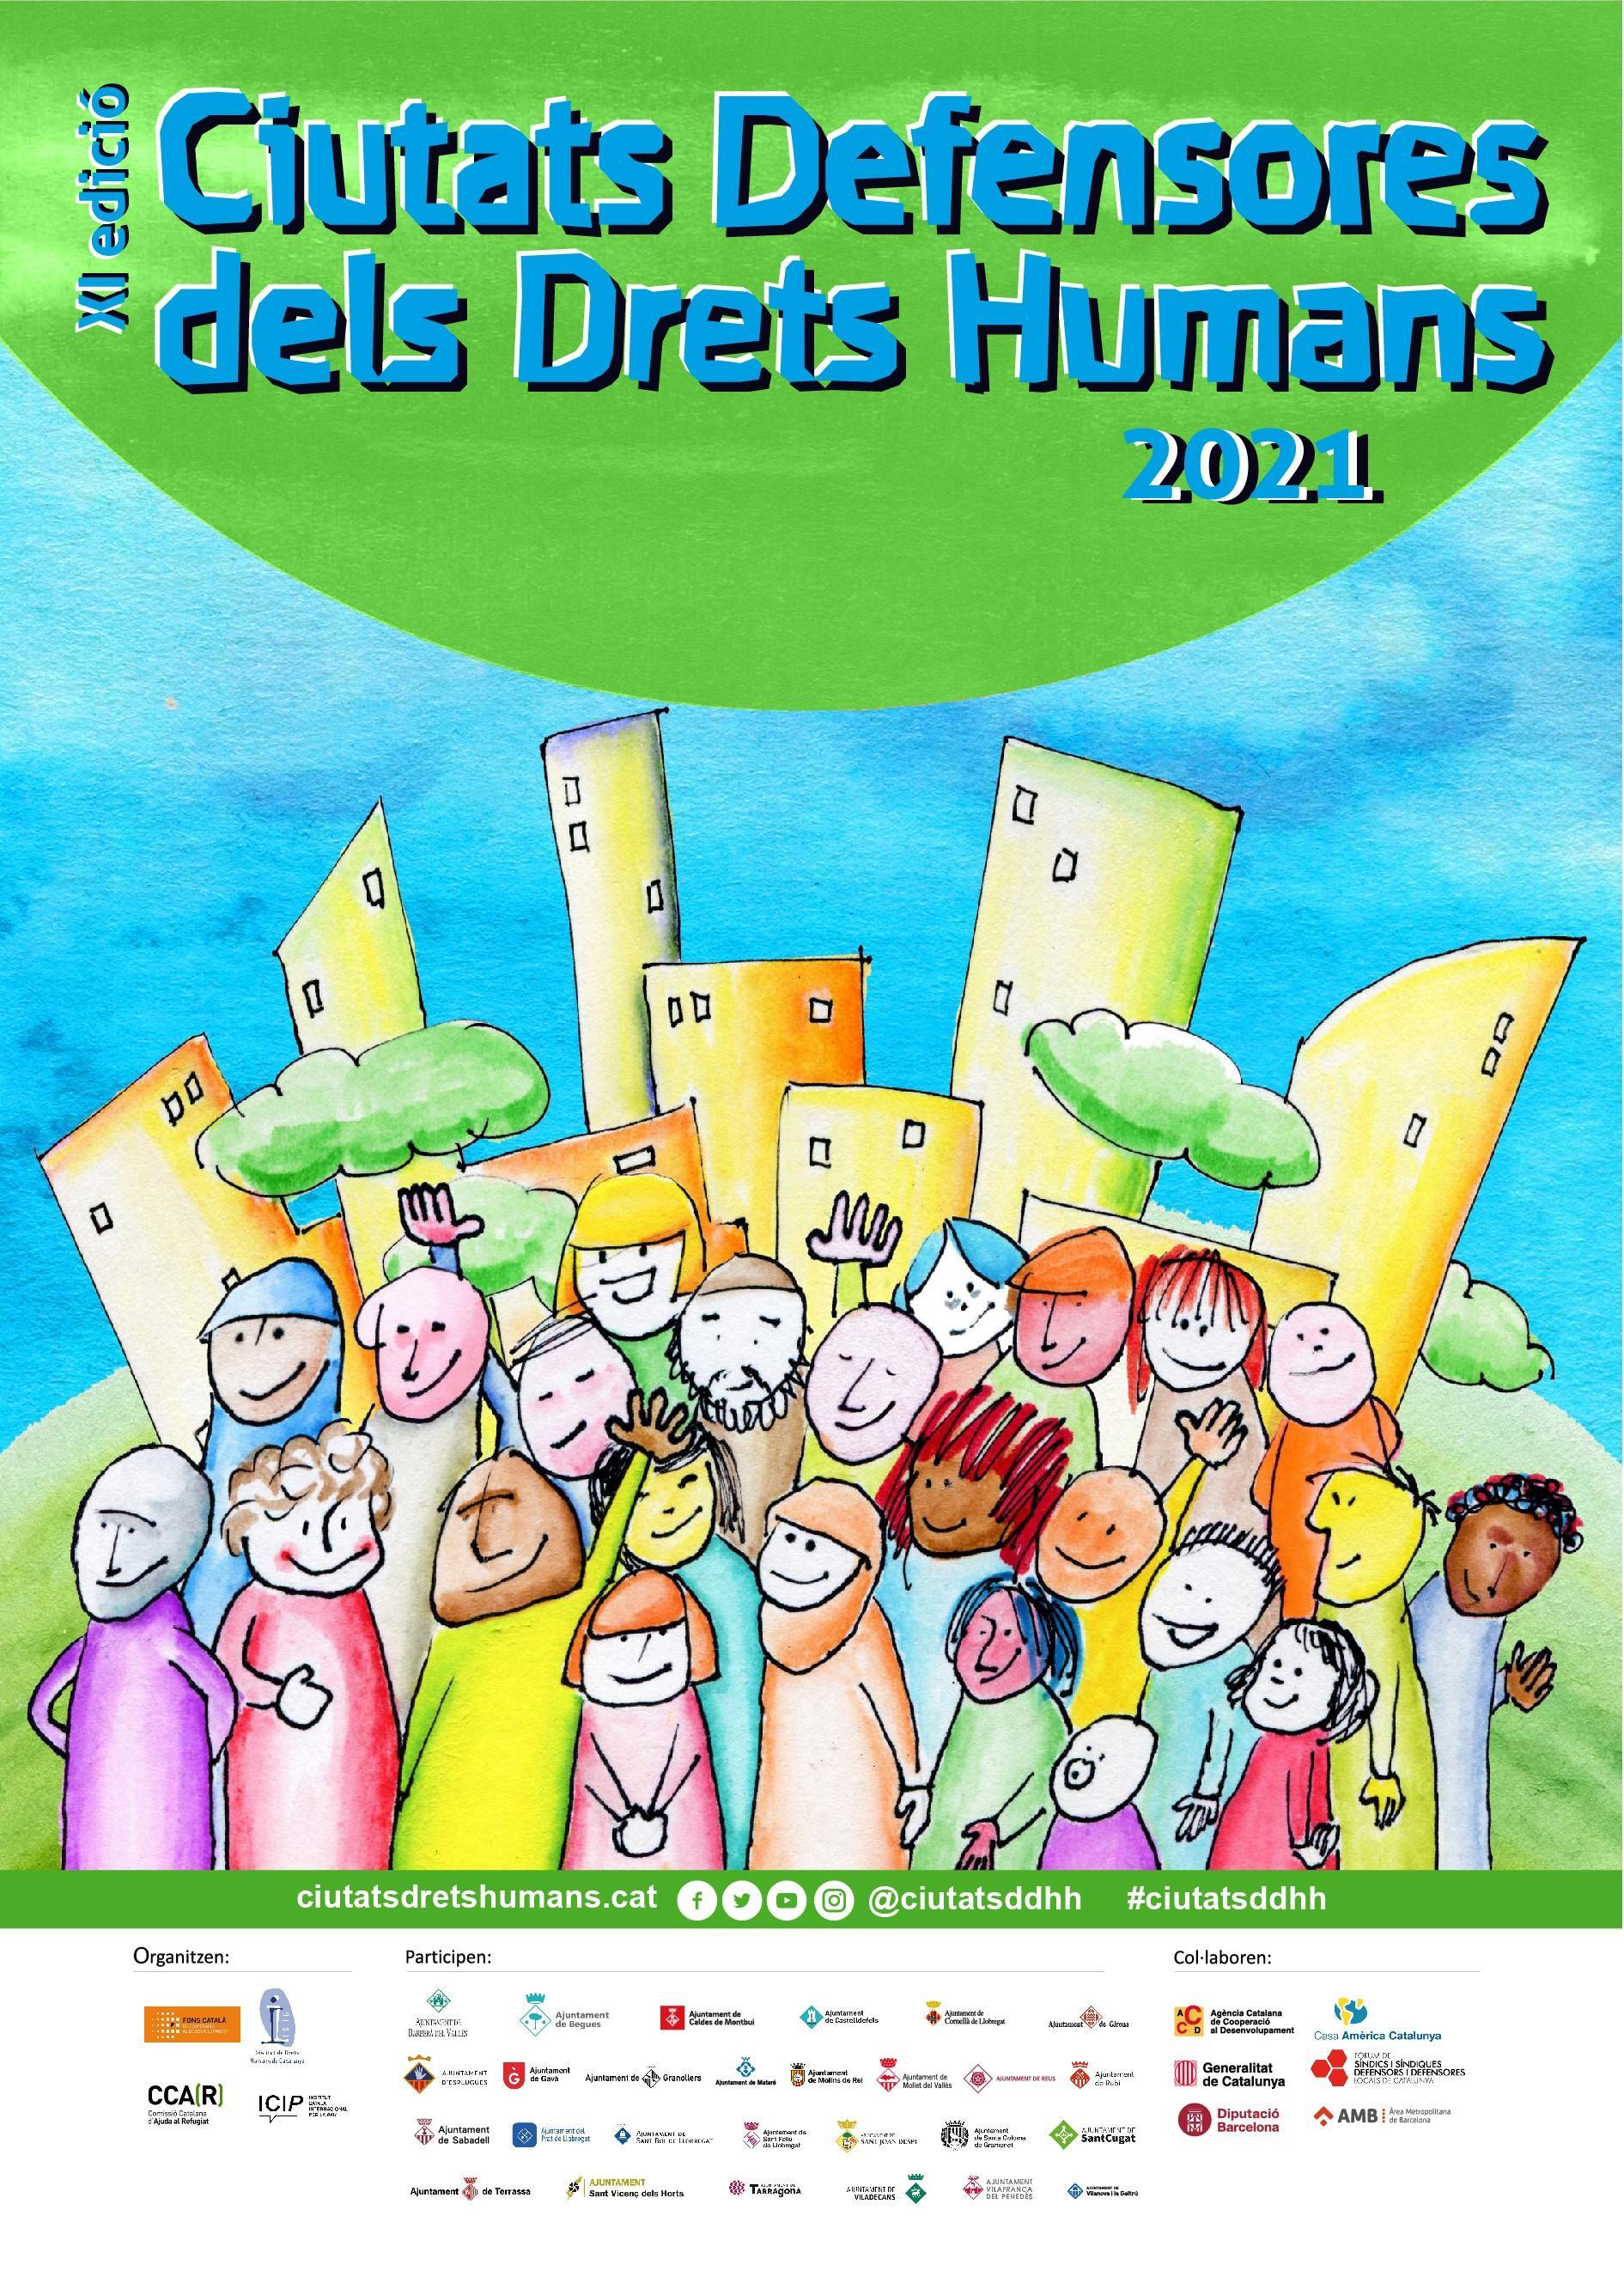 Inauguració de l'11a edició del projecte Ciutats Defensores dels Drets Humans